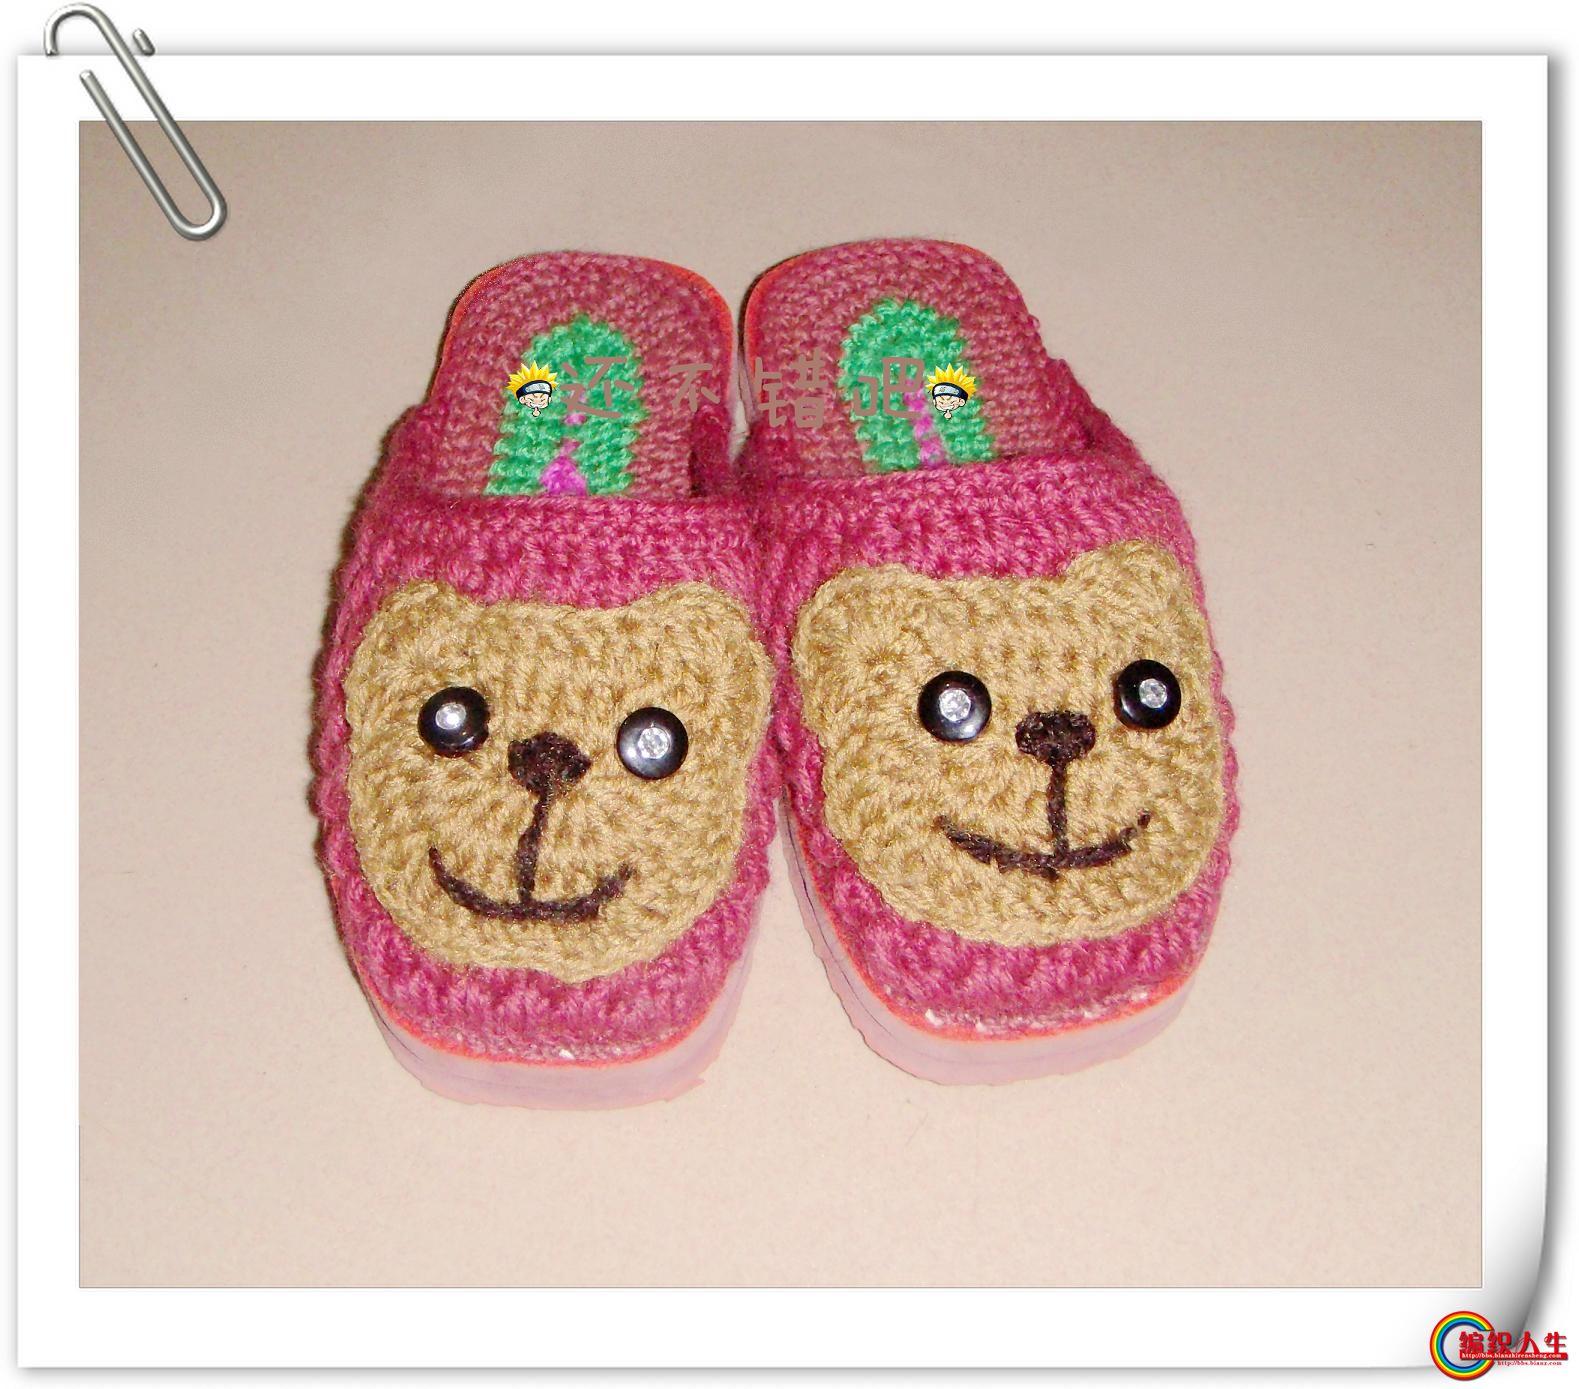 從我學會用鉤針至今,鉤了N多的拖鞋、N多的嬰兒鞋,最近終于良心發現自己的孩子竟沒有我鉤的鞋子,于是下了狠心,在不耽誤我吃飯、睡覺以及看電視的情況下,用了兩天的時間給他鉤了一雙小熊拖鞋。雖說用的是沒什么創意的鉤法,但唬弄孩子還是不錯的,因為孩子一看便認出來說熊,而且哪天他不喜歡熊了,我把鼻子嘴巴的線拆了改改,再加個王和幾根胡須的話,那便又成了老虎,哈哈看來當個懶媽媽有時也是需要智慧的。